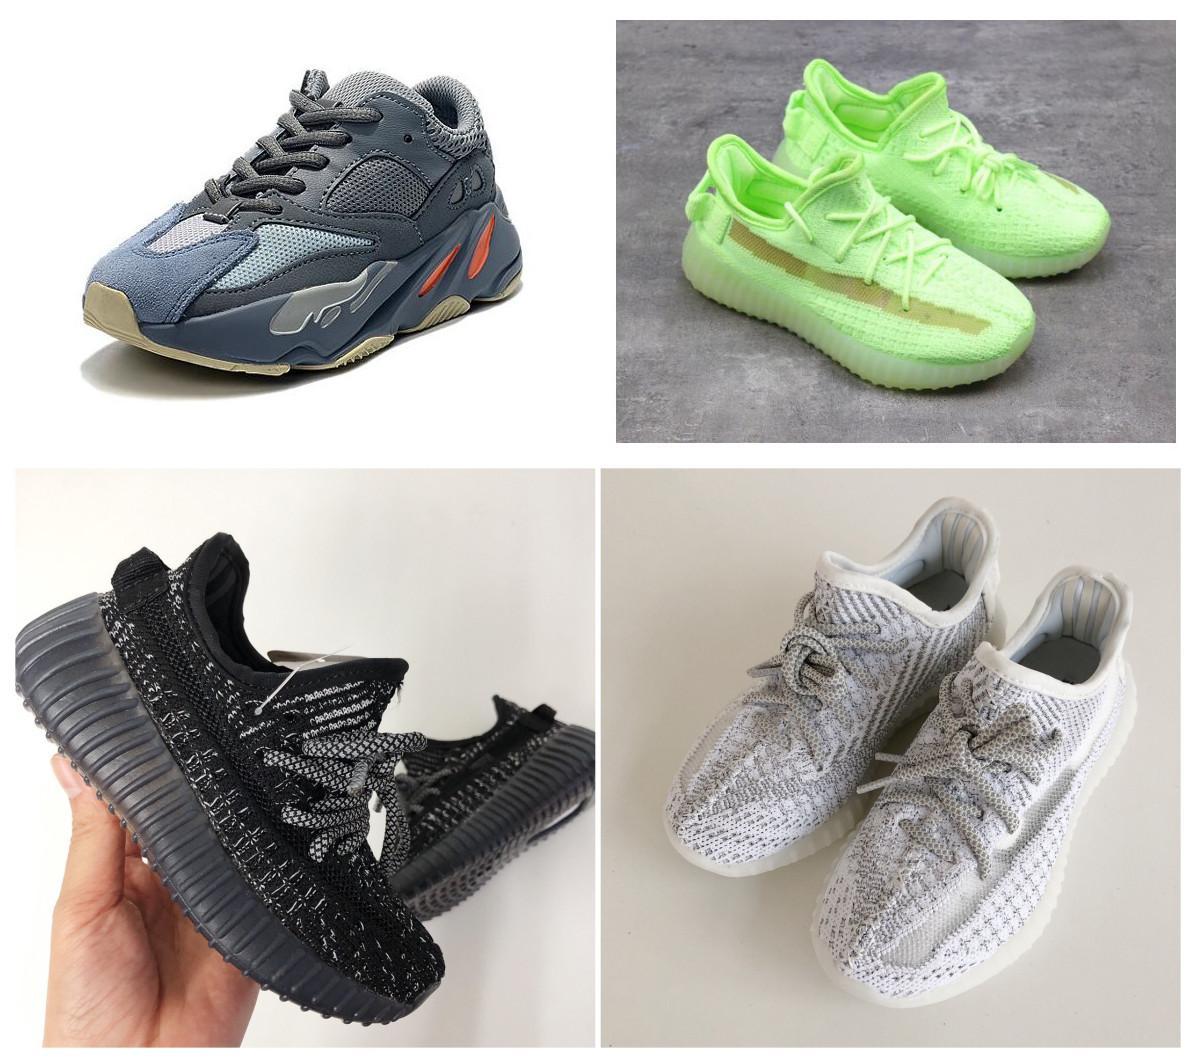 Zapatos nuevos 2020 niños Kanye West corredor de la onda Israfil Yecheil Negro zapatos corrientes Formadores para el muchacho de la niña de los niños con la caja